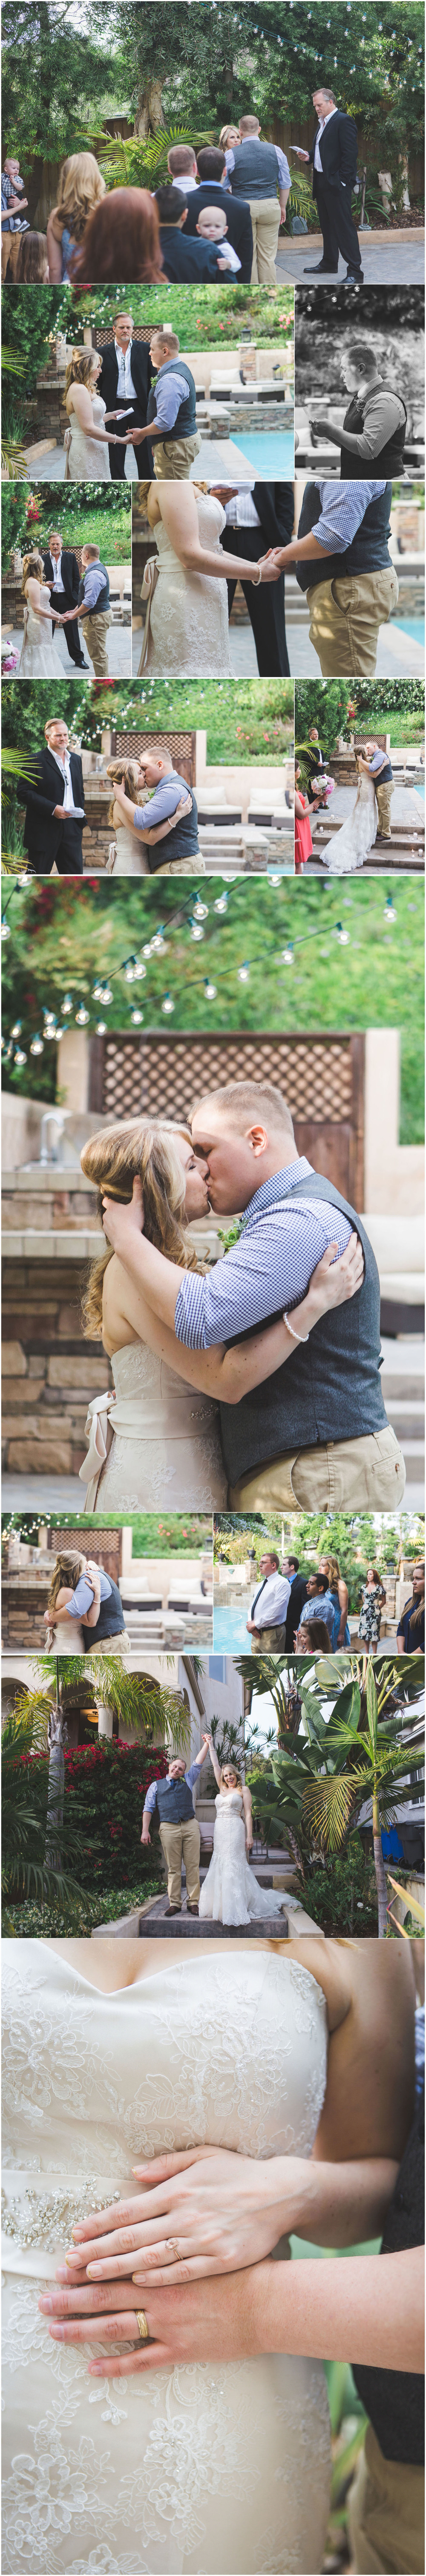 ashley vos photography seattle area wedding photographer courthouse wedding backyard wedding seattle washington_0116.jpg